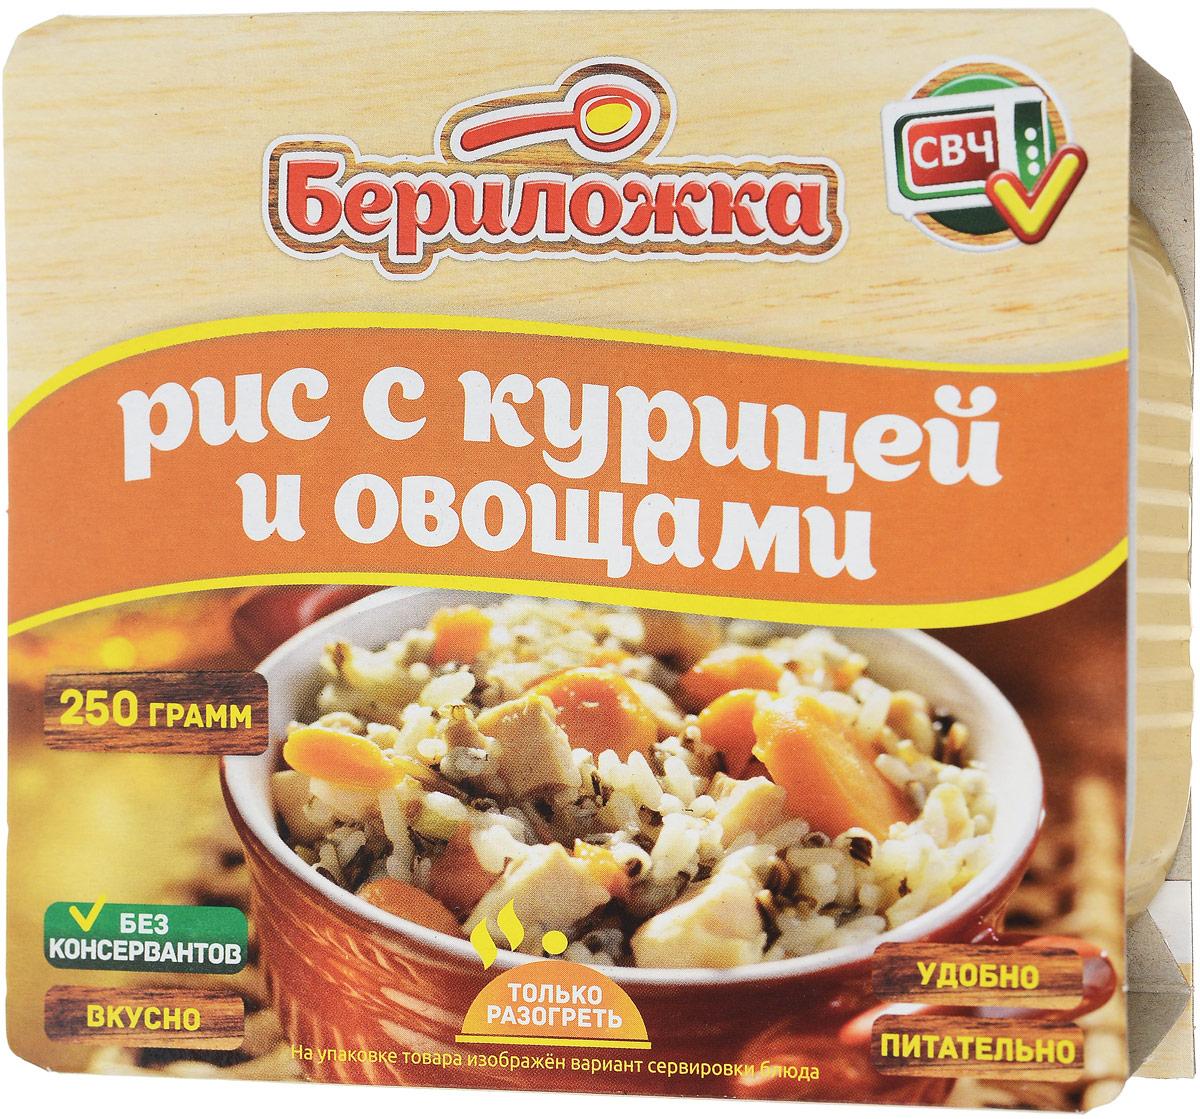 Бериложка рис с курицей и овощами, 250 г